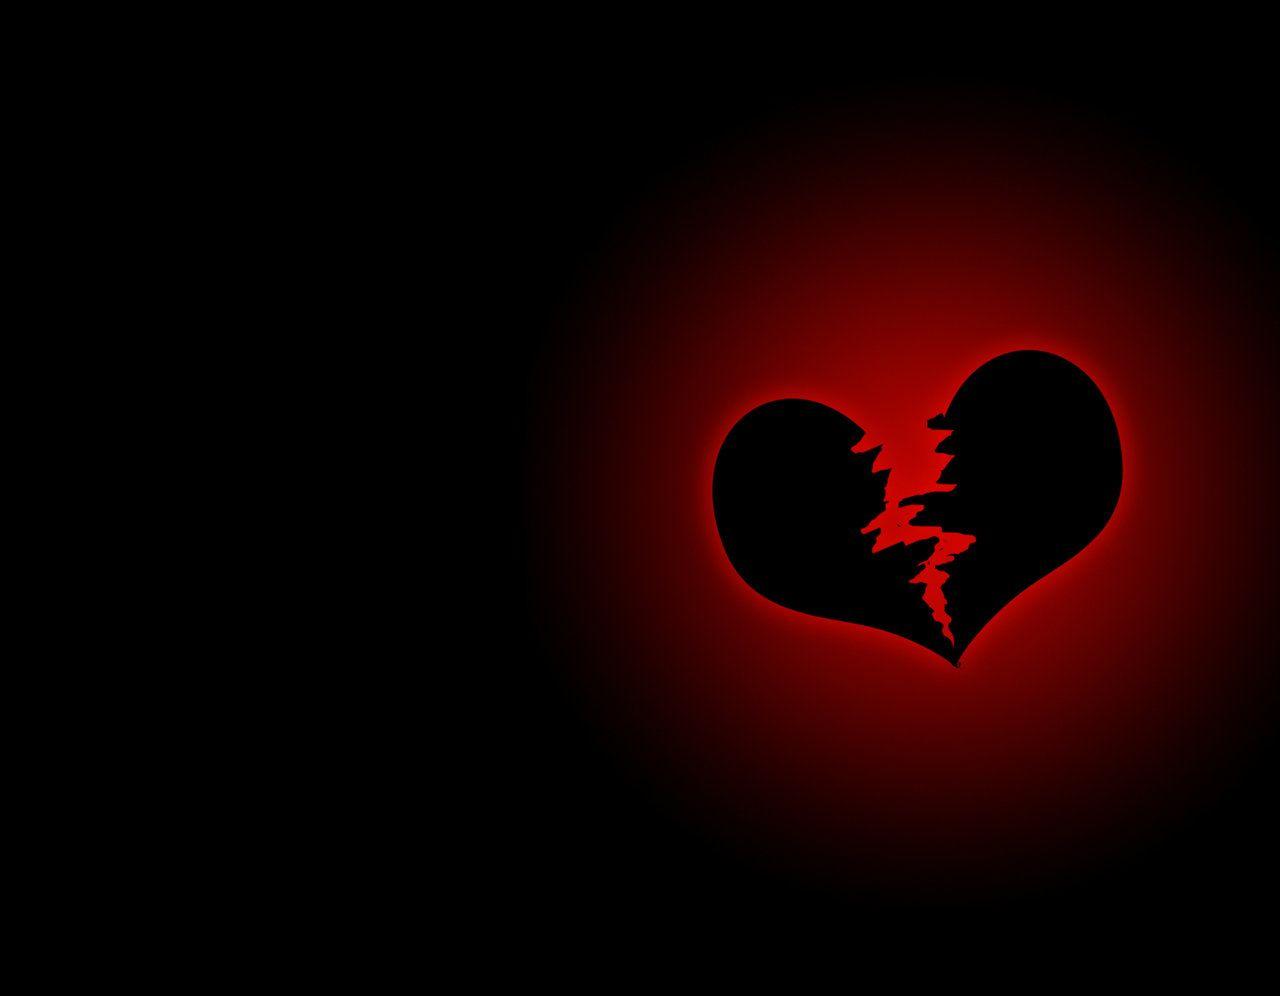 When Two Hearts Is Break Broken Heart Wallpaper Heart Wallpaper Broken Love Images